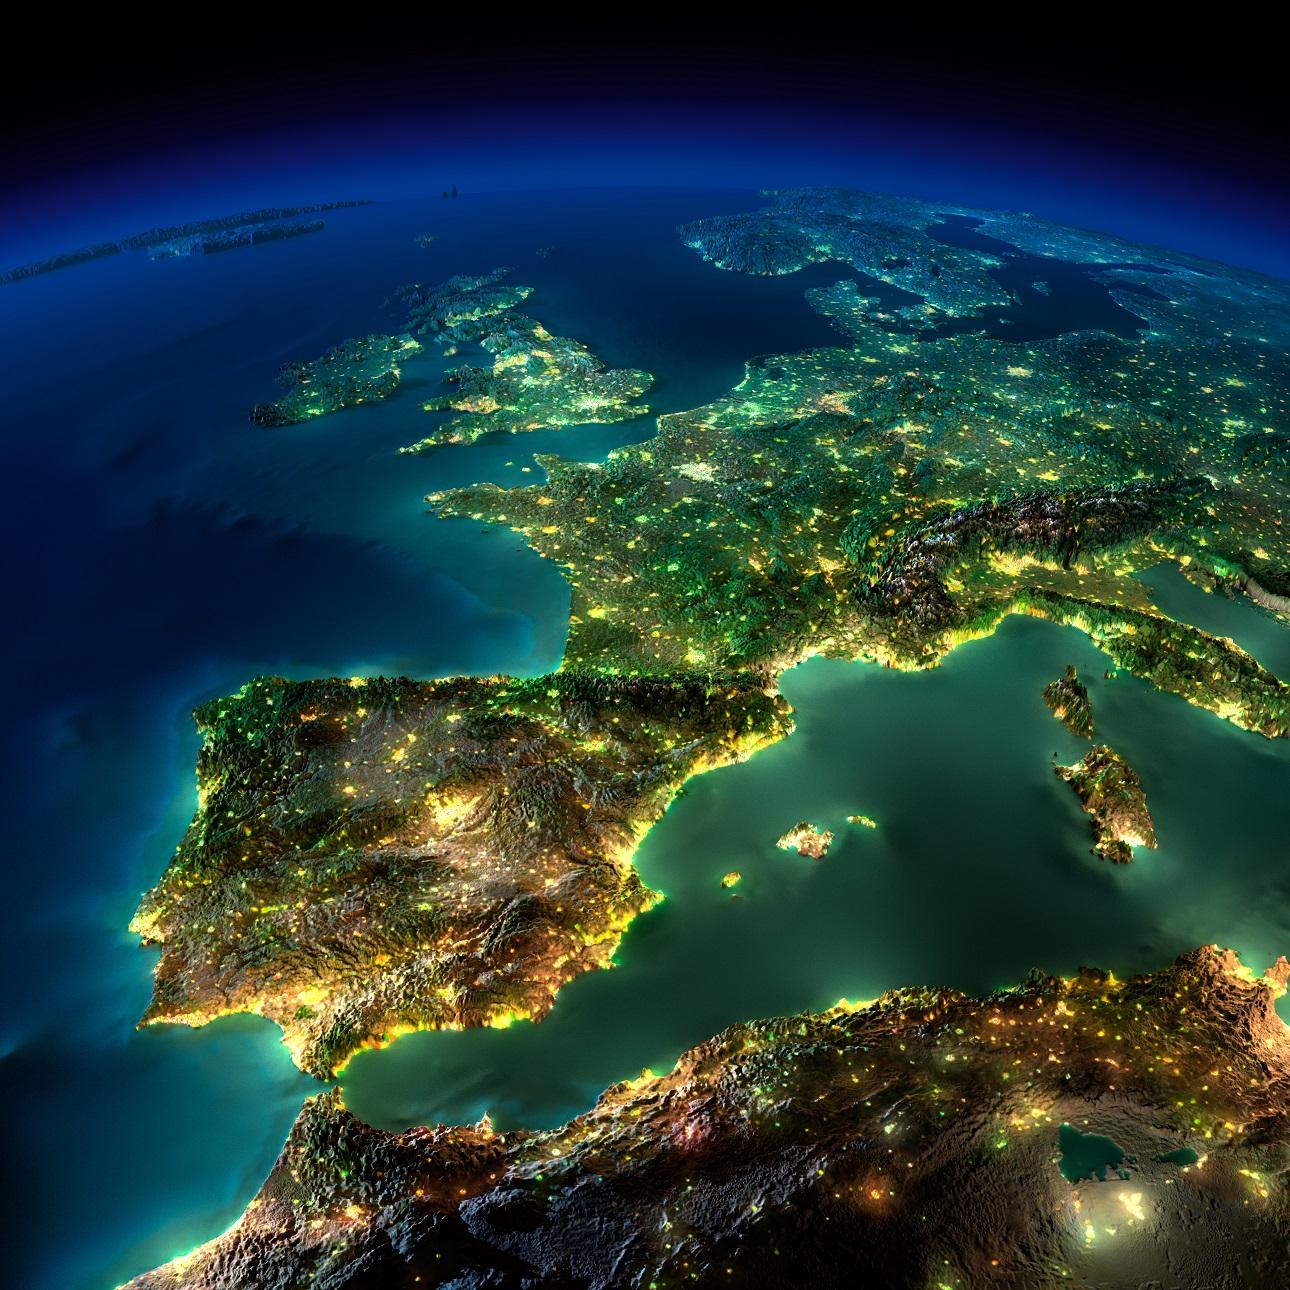 Ισπανία, Γαλλία, Ολλανδία, Βέλγιο και προς τα πάνω Σκανδιναβικές χώρες και Φινλάνδία. Το άλλο μισό της Ευρώπης, φωταγωγημένο κι αυτό... (φωτό: Shutterstock)